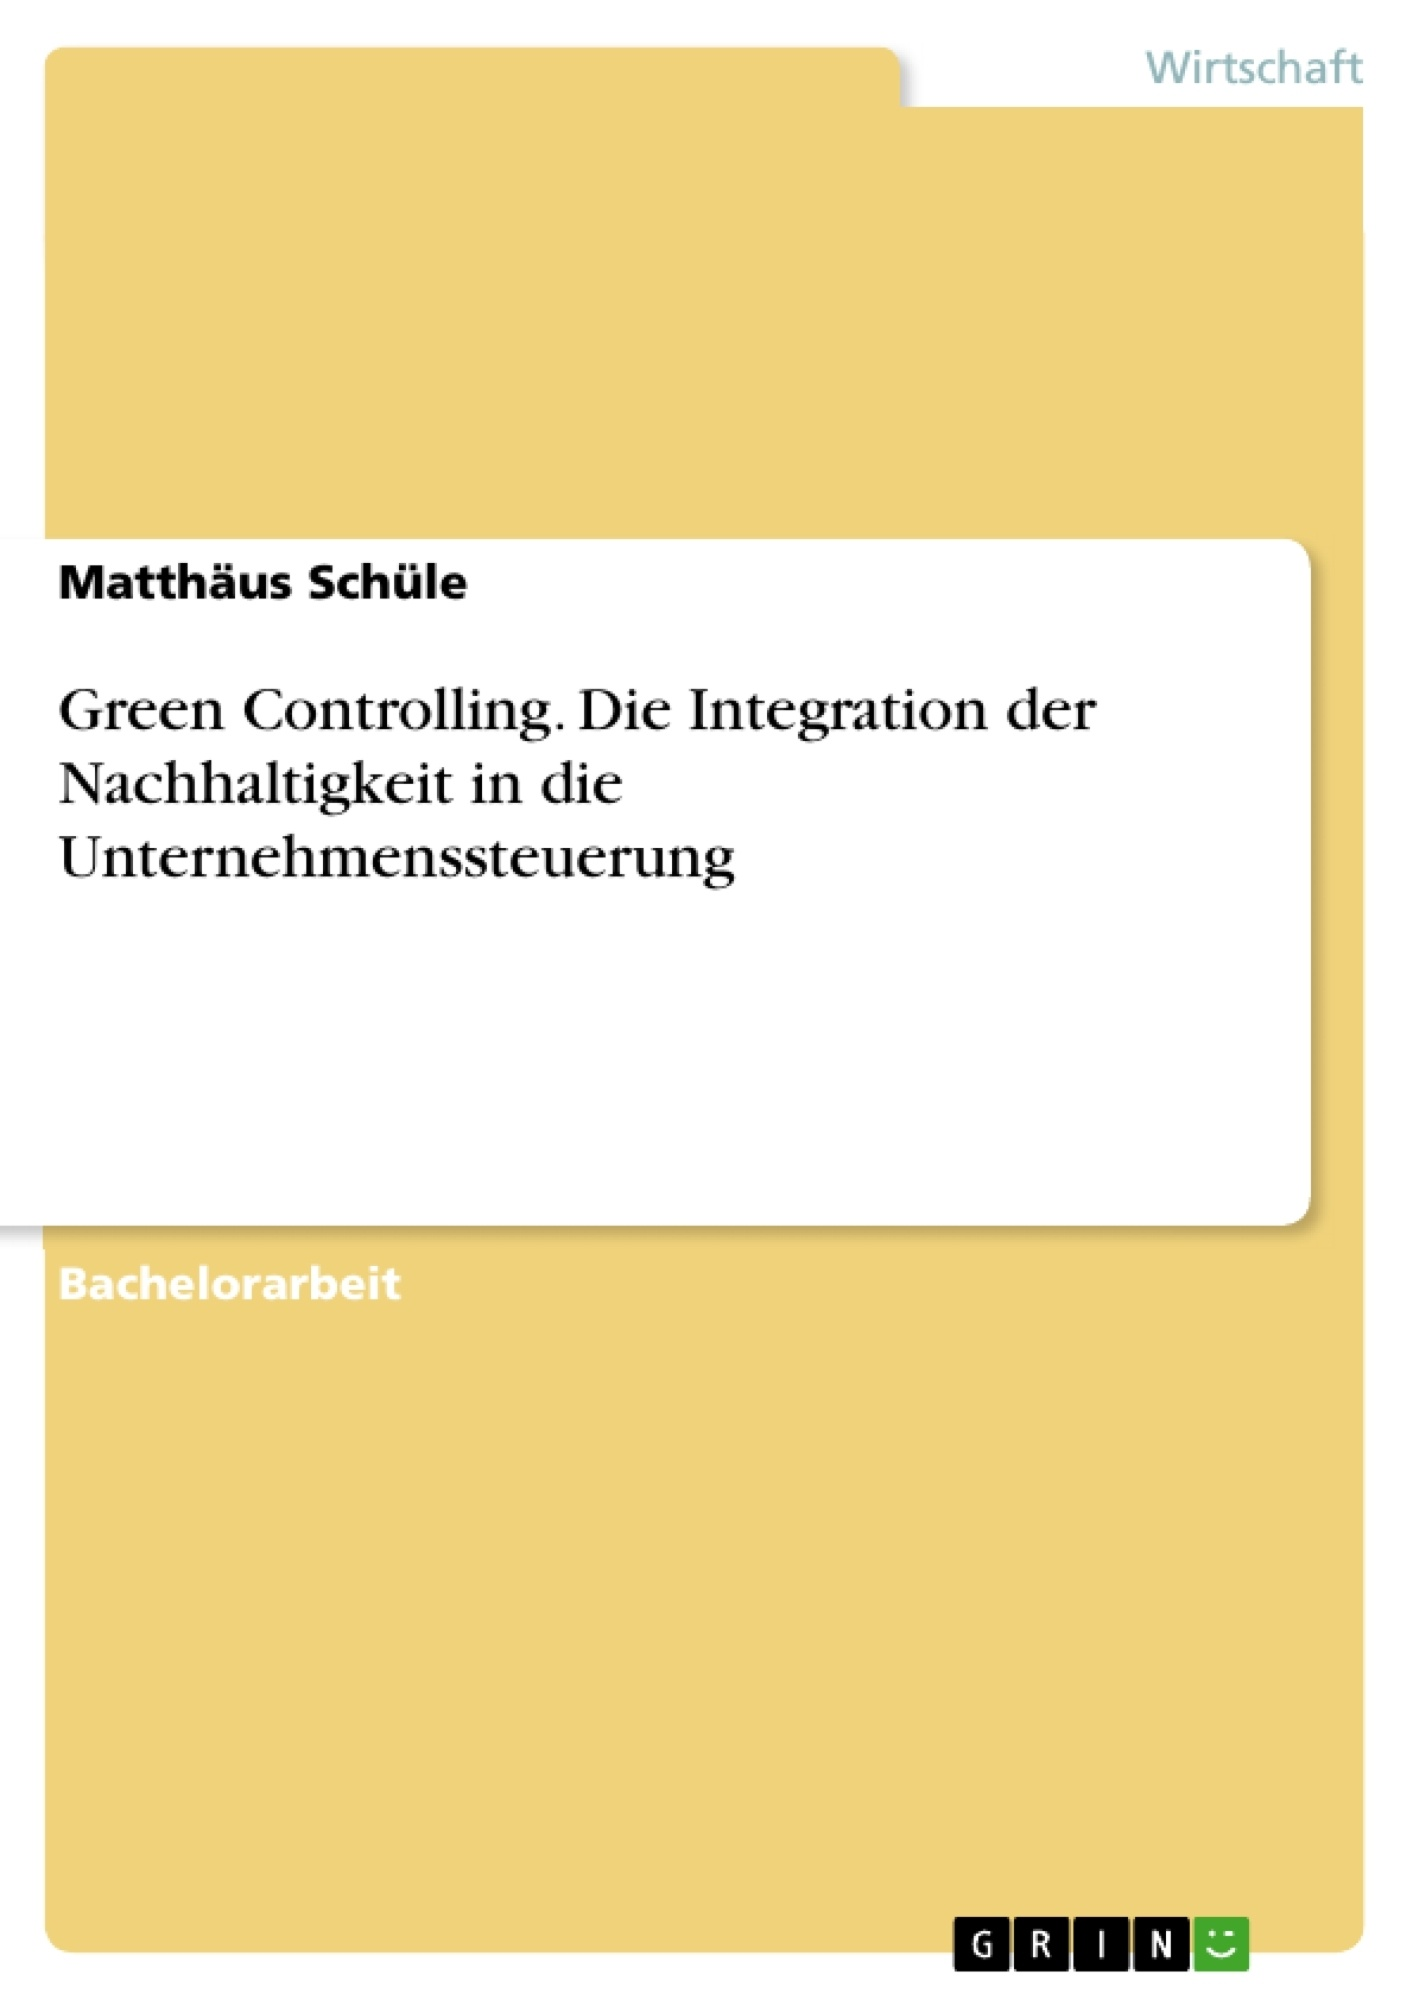 Titel: Green Controlling. Die Integration der Nachhaltigkeit in die Unternehmenssteuerung